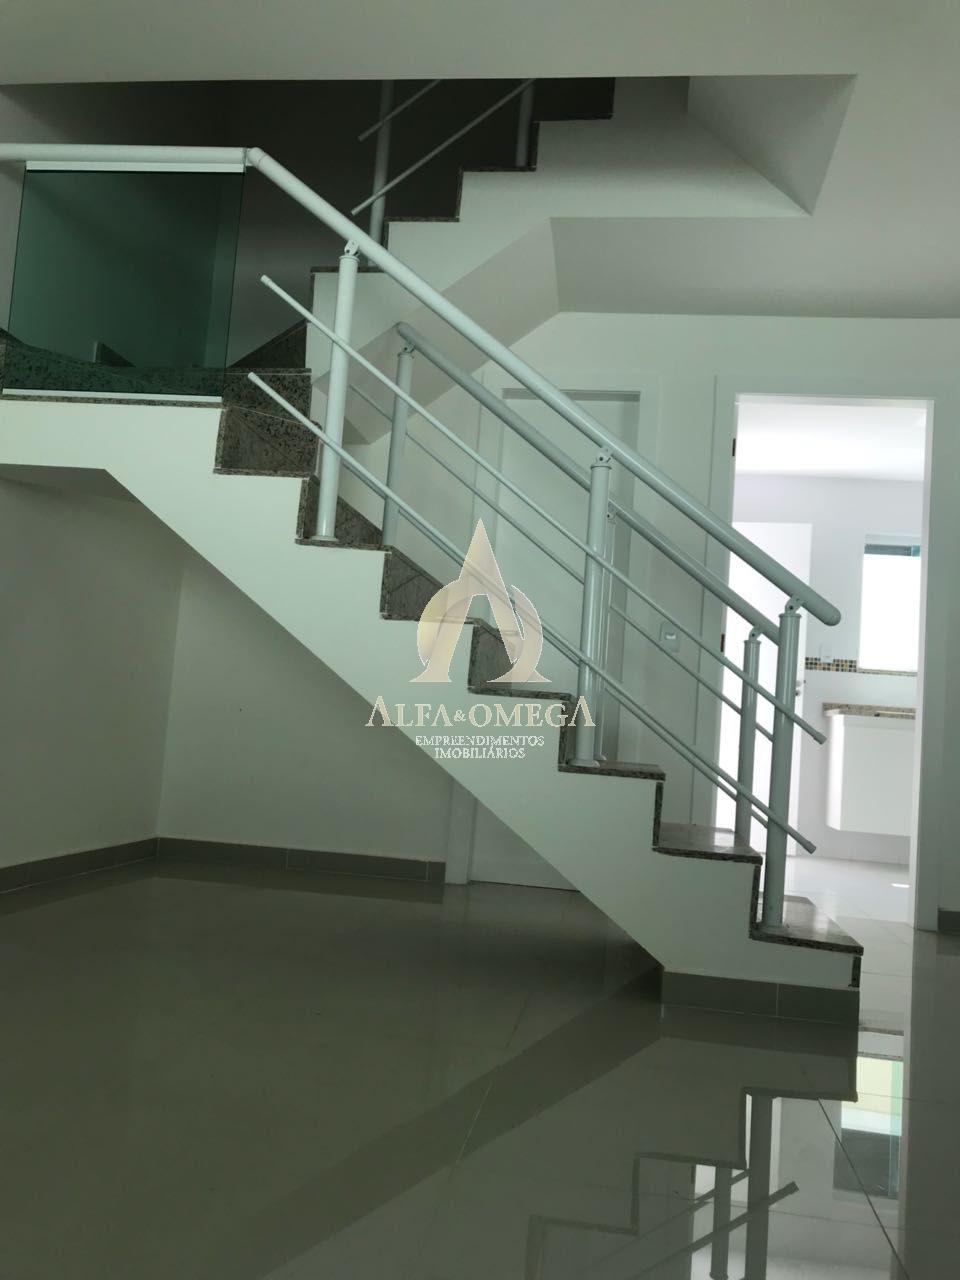 FOTO 6 - Casa 3 quartos à venda Taquara, Rio de Janeiro - R$ 452.000 - AOJ60015 - 6